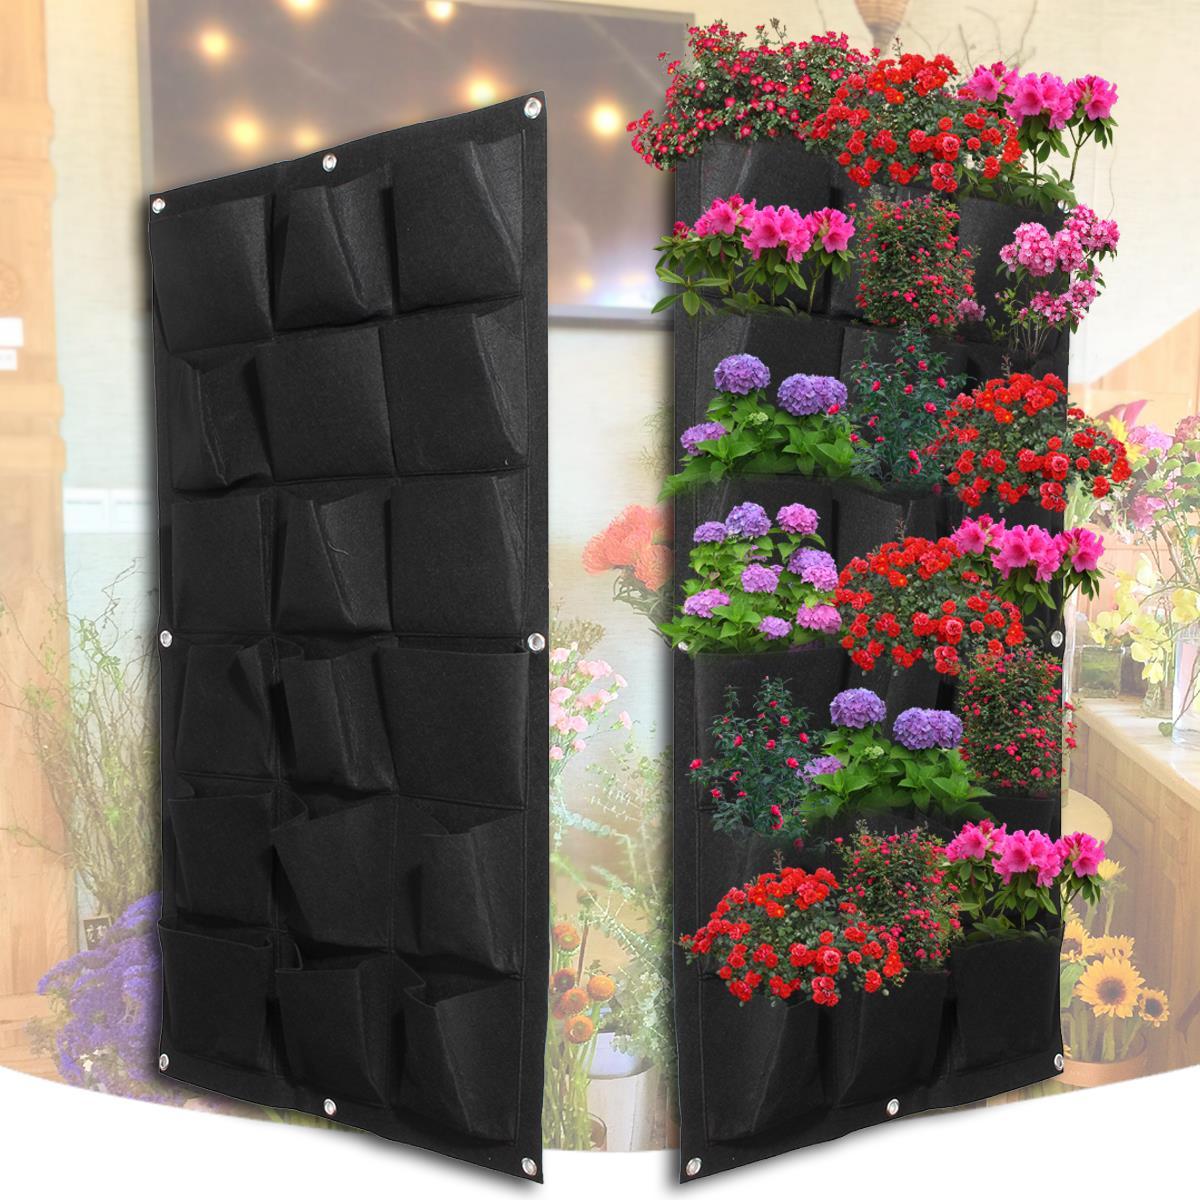 Bolsos de plantación 18 Bolsillos Maceta Colgante Negro Pared - Productos de jardín